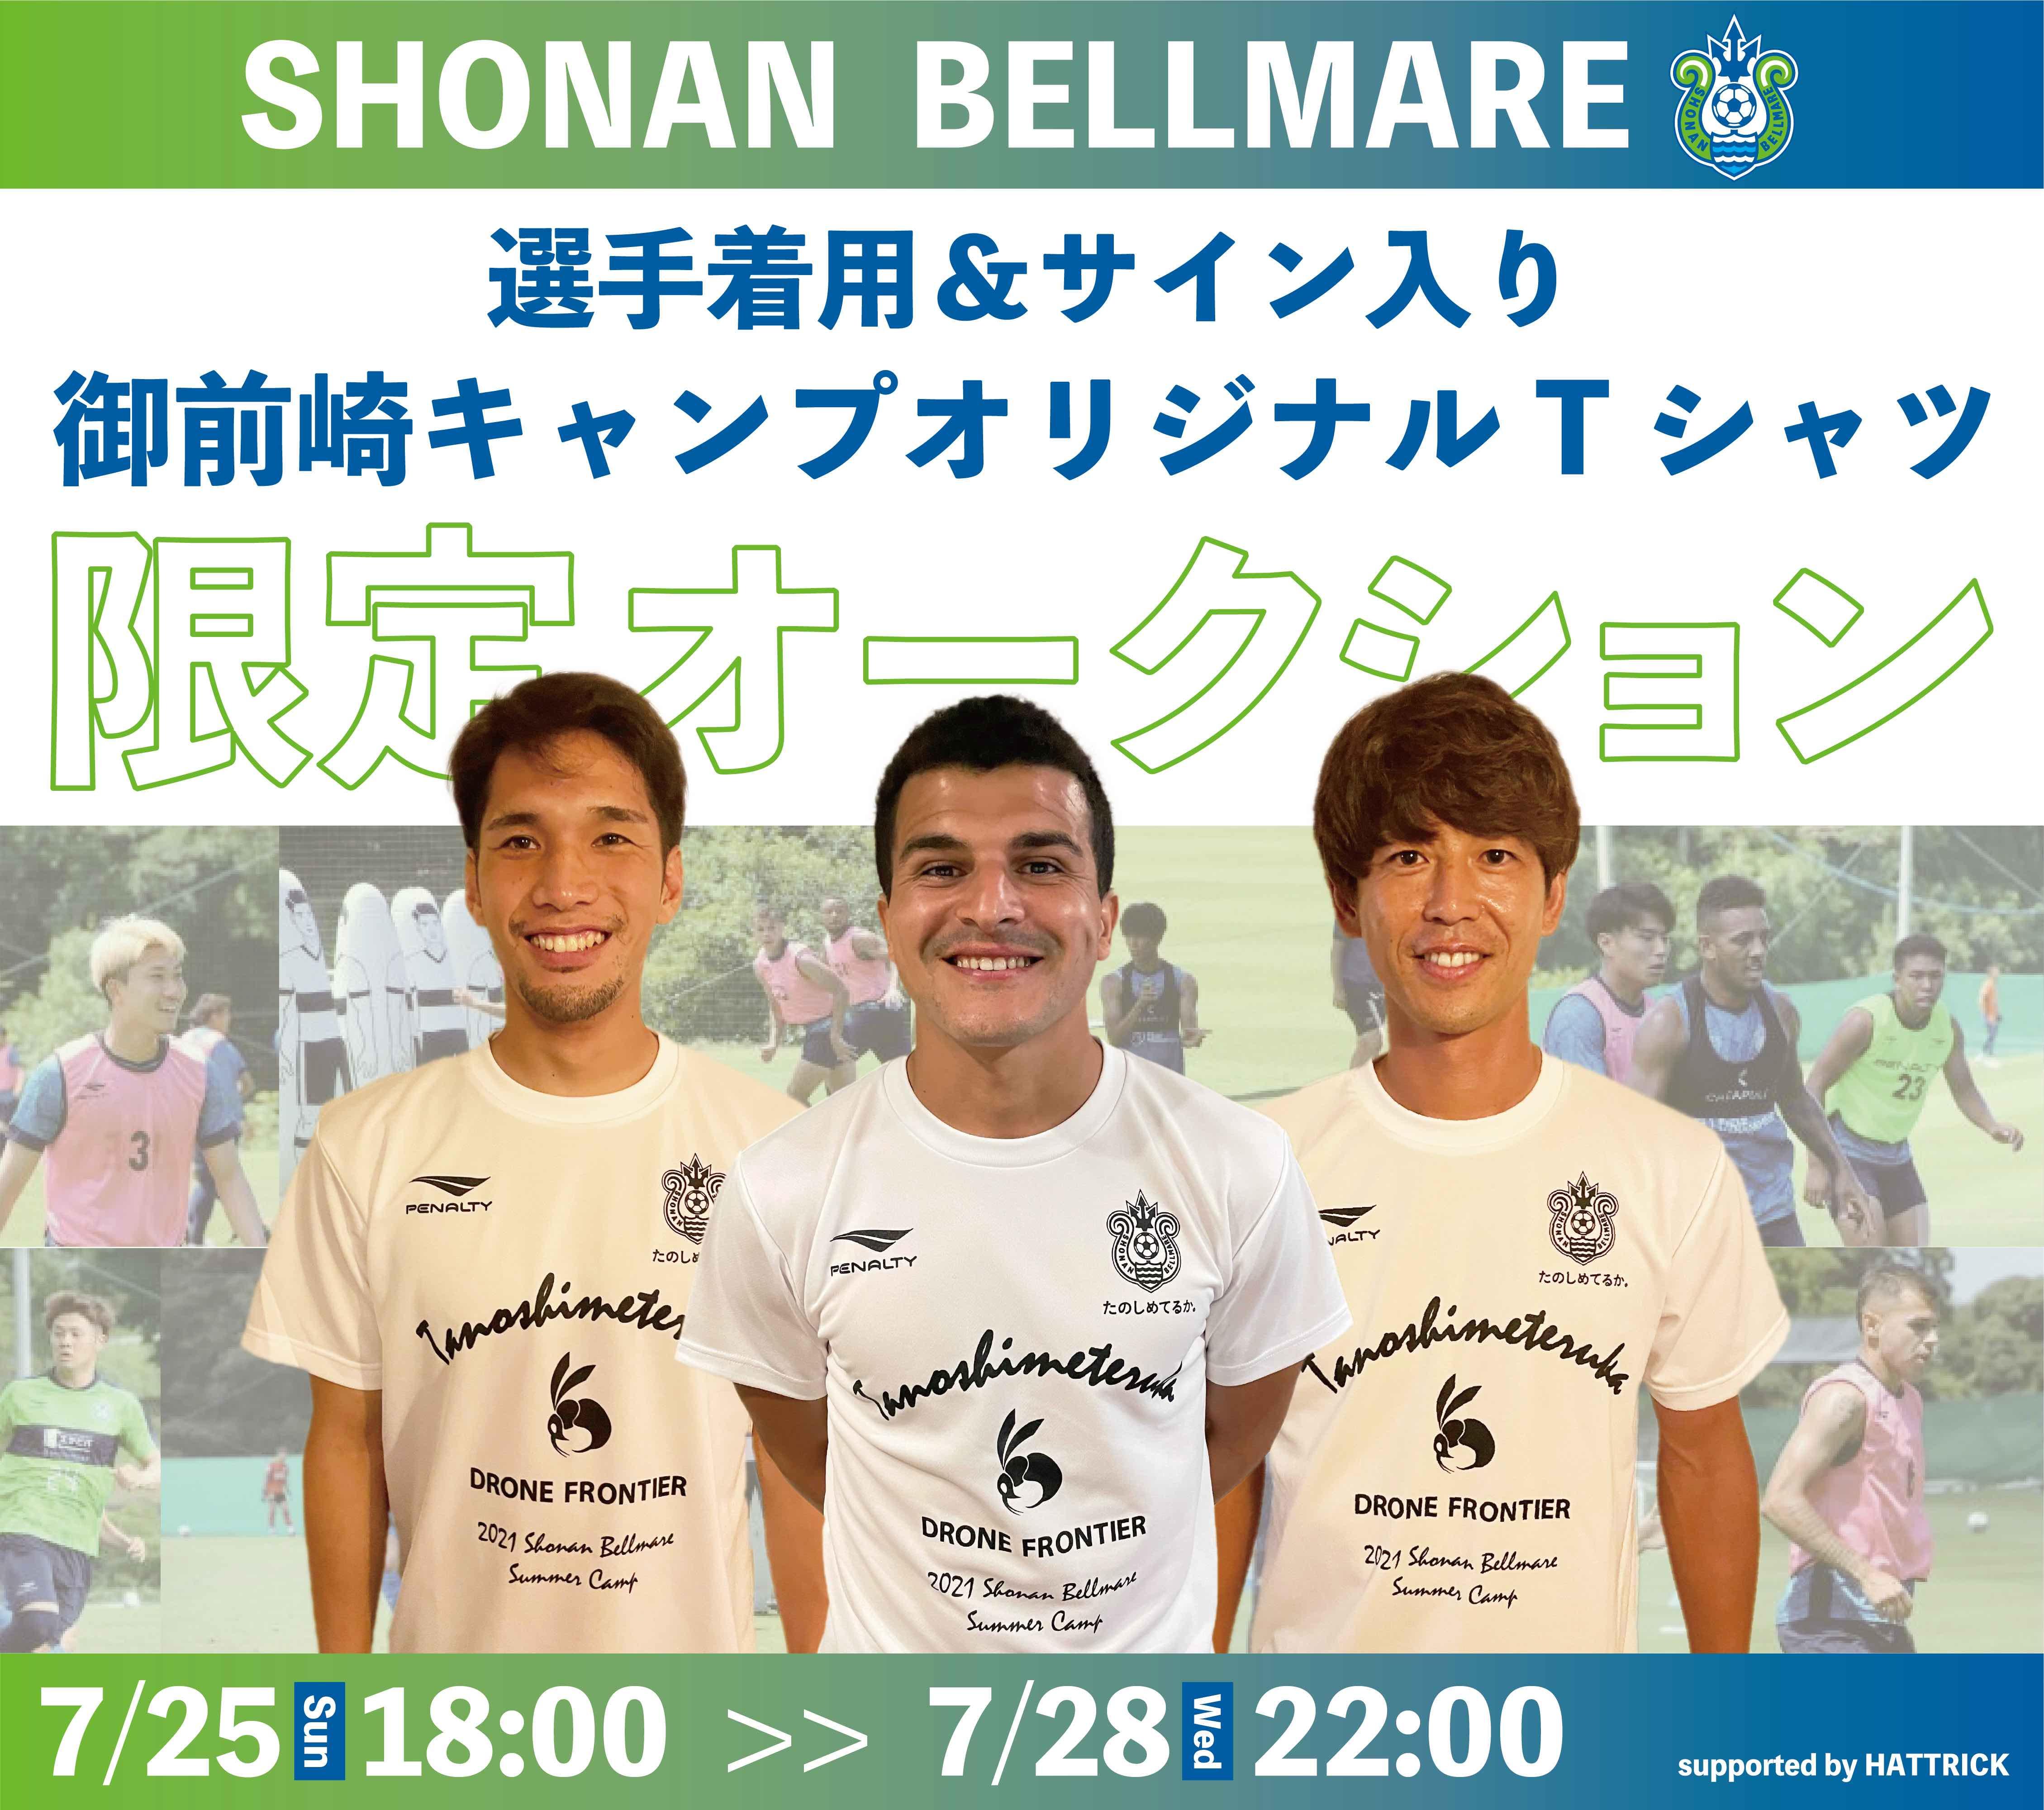 湘南ベルマーレ2021御前崎ミニキャンプ選手着用Tシャツオークション